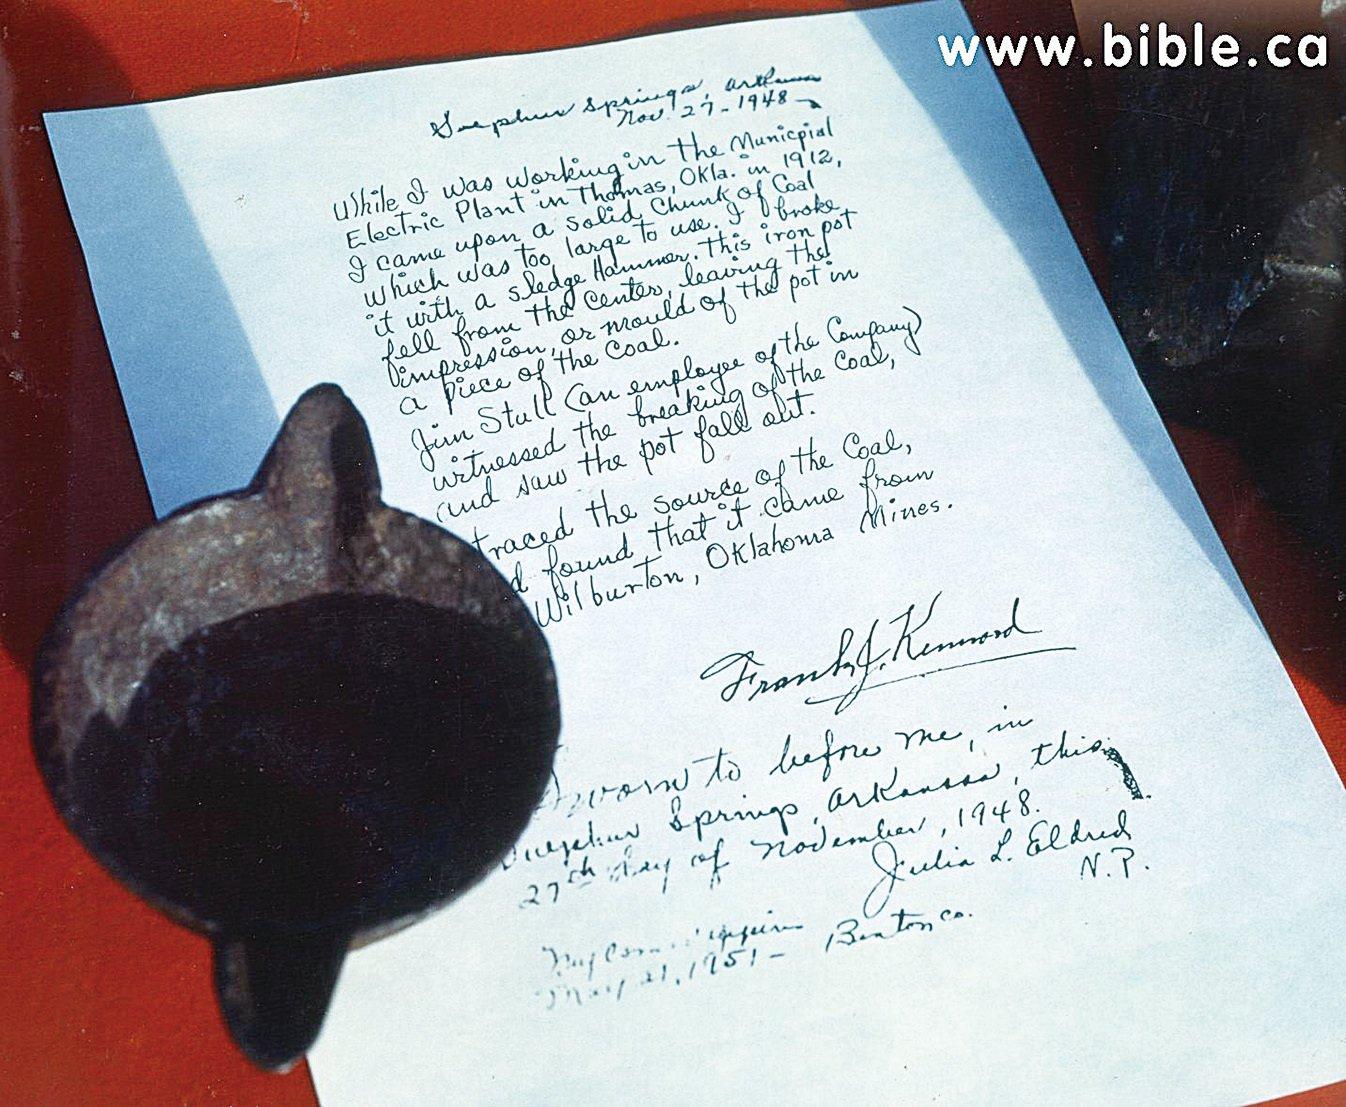 電子廠員工肯納德(Frank J. Kennard)簽名證實此項真實的發現。(Creation Evidence Museum)